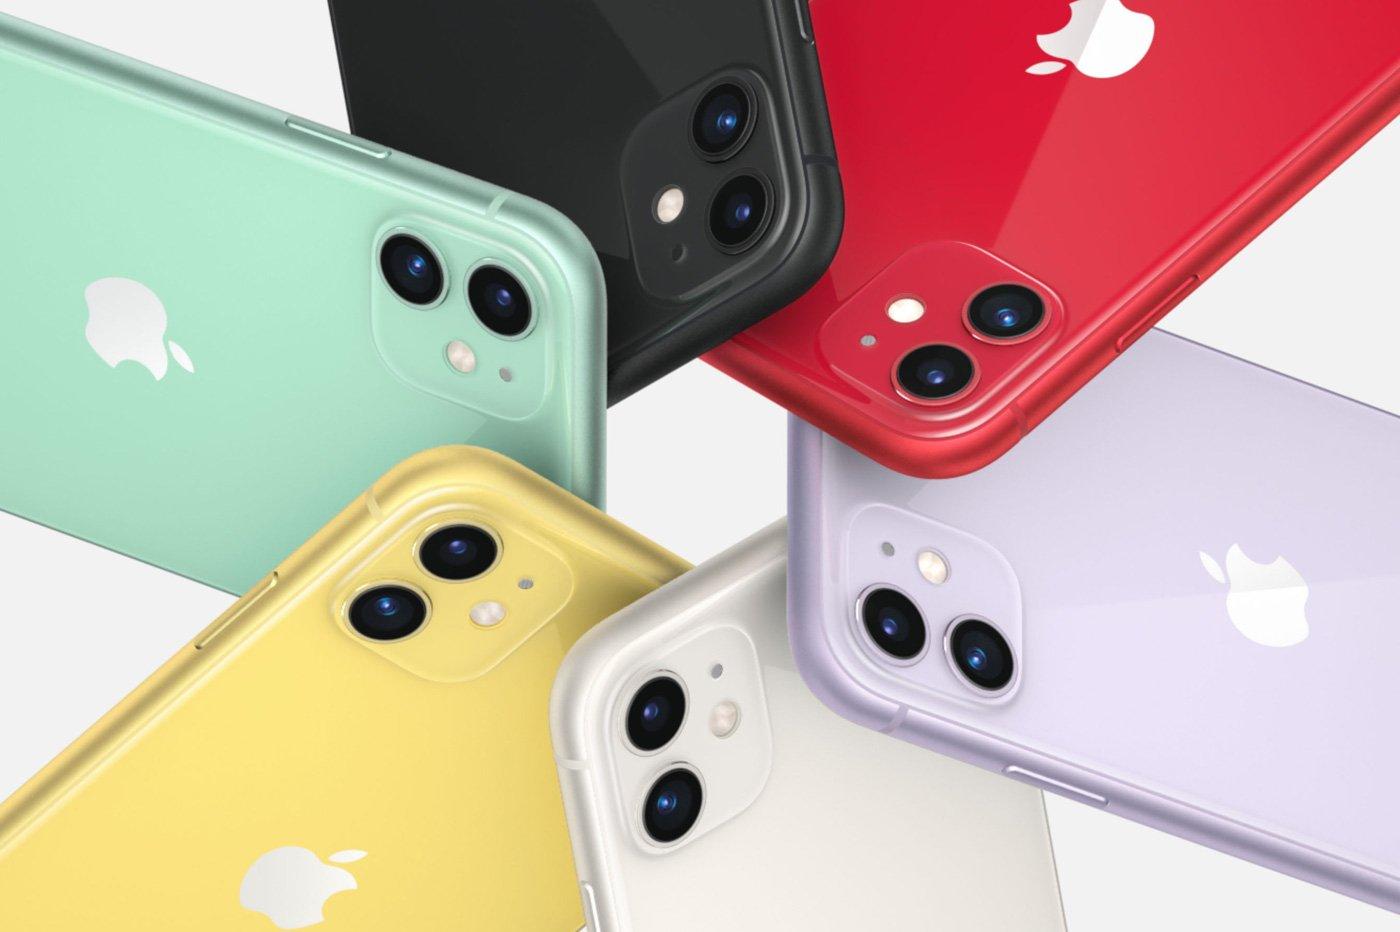 Les iPhone 11 et 11 Pro sont disponibles chez Cdiscount